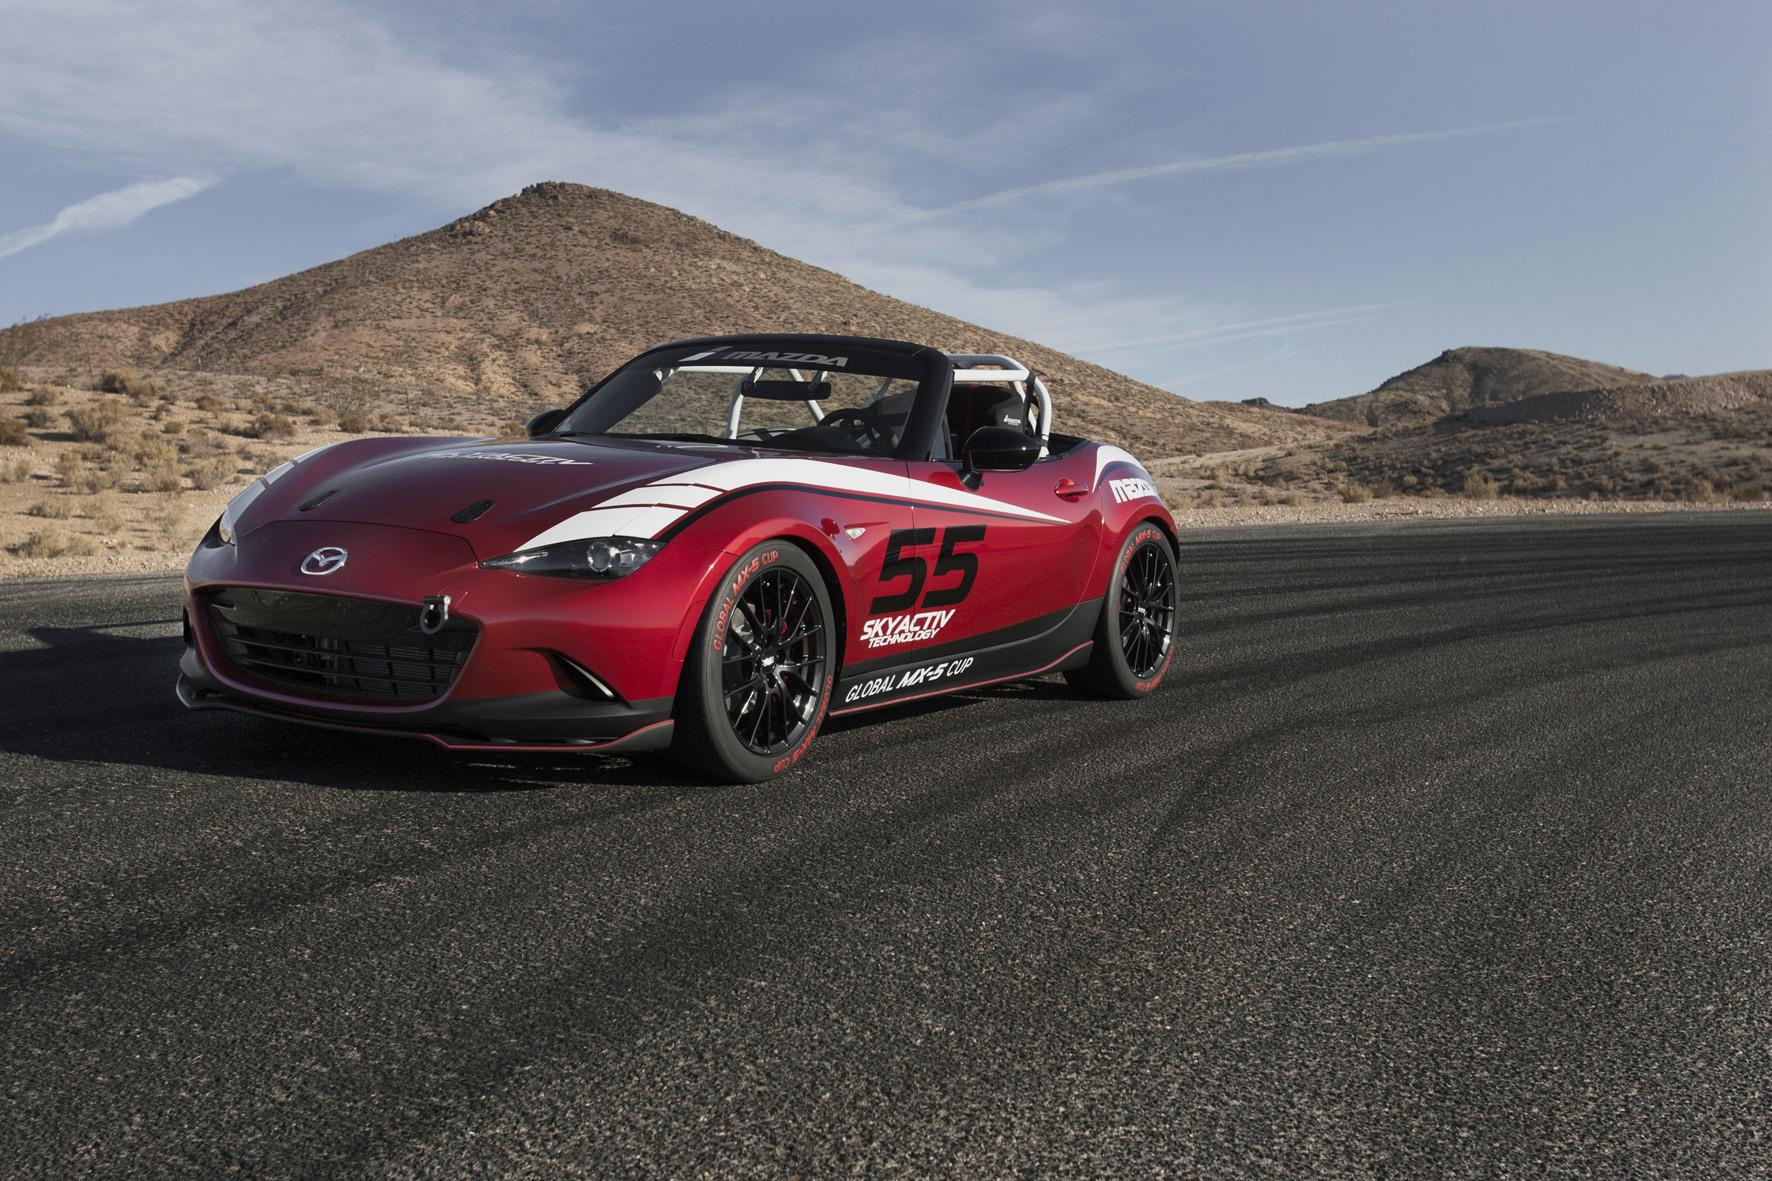 Den neuen Mazda MX-5 bereits jetzt virtuell fahren